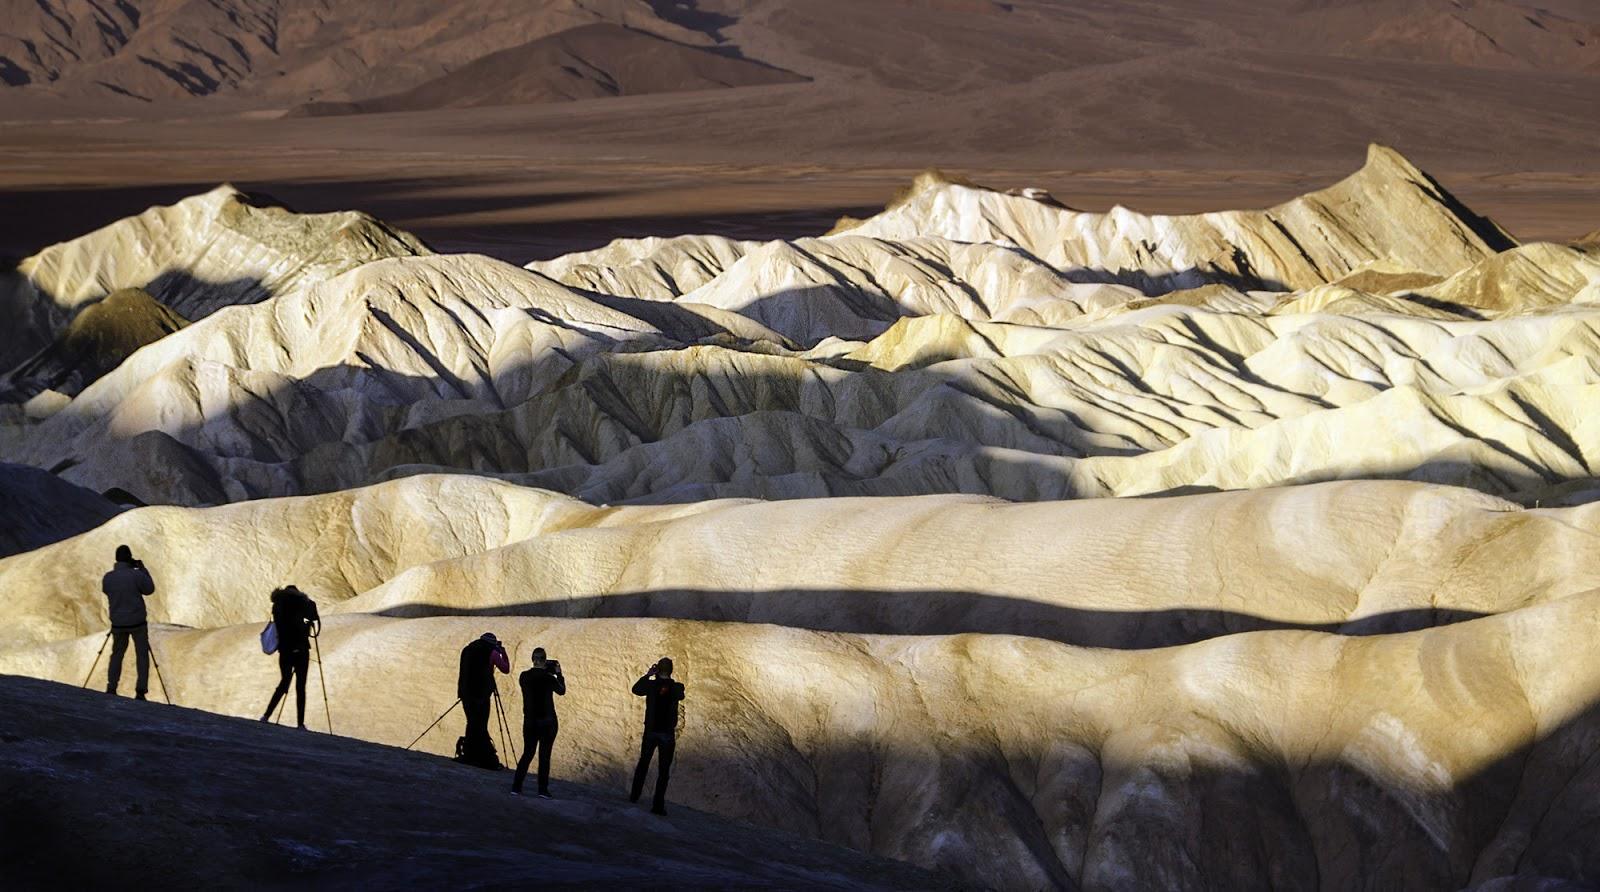 zabriskie point death valley national park